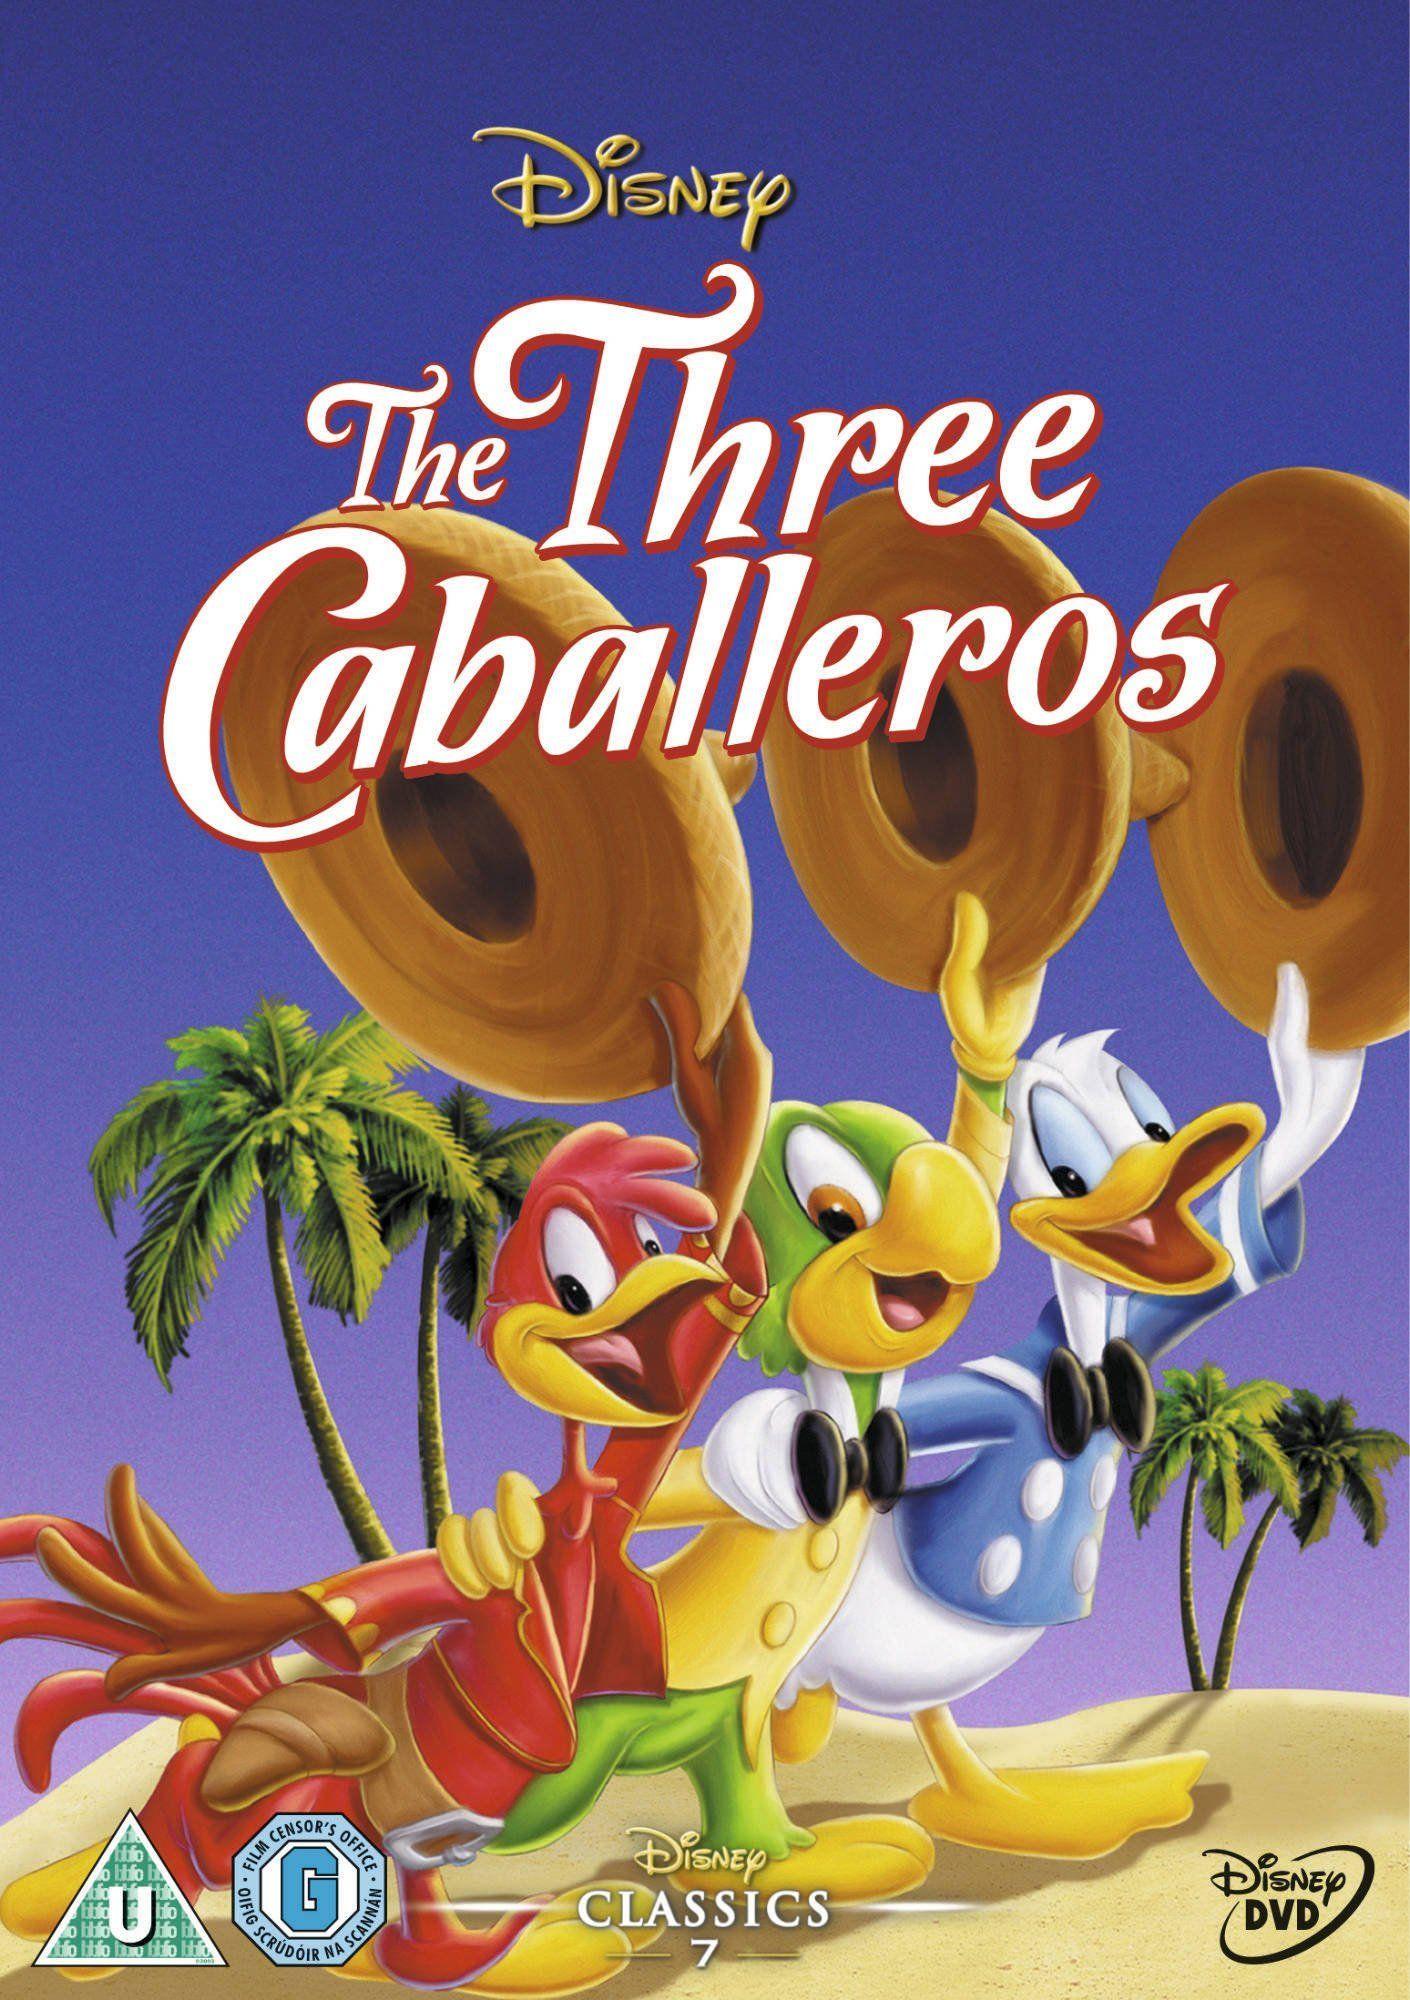 The Three Caballeros Reino Unido Dvd Reino Caballeros Dvd Unido Peliculas De Disney Imagenes De Disney Peliculas De Los 50